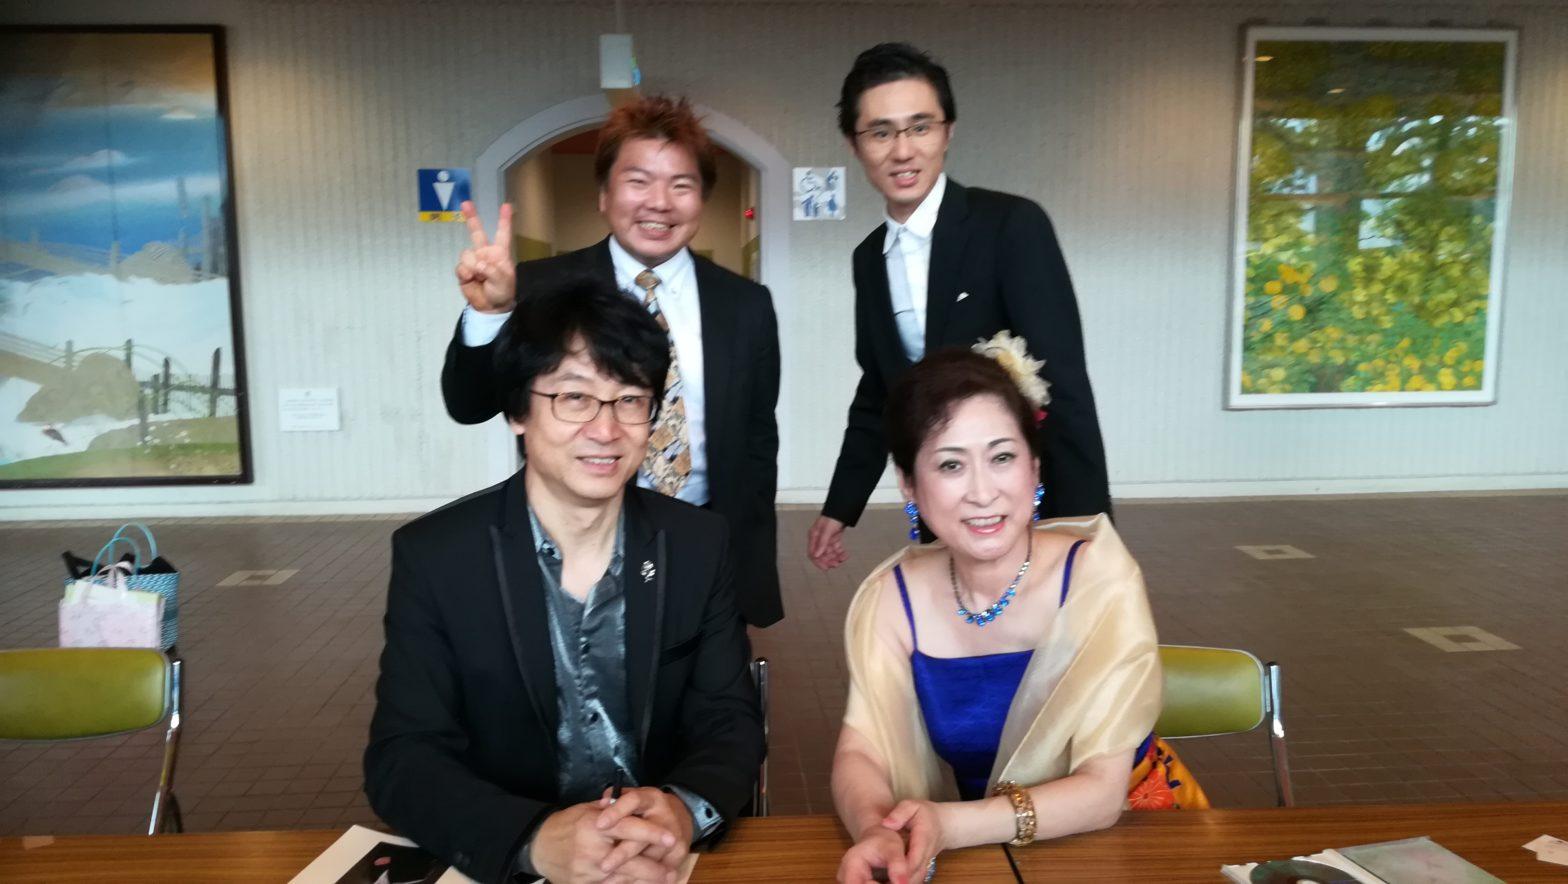 榊原平、ピアニスト北川美晃、二胡奏者ジャー・パンファンさん、ソプラノ下垣真希さんの松阪でのコンサート